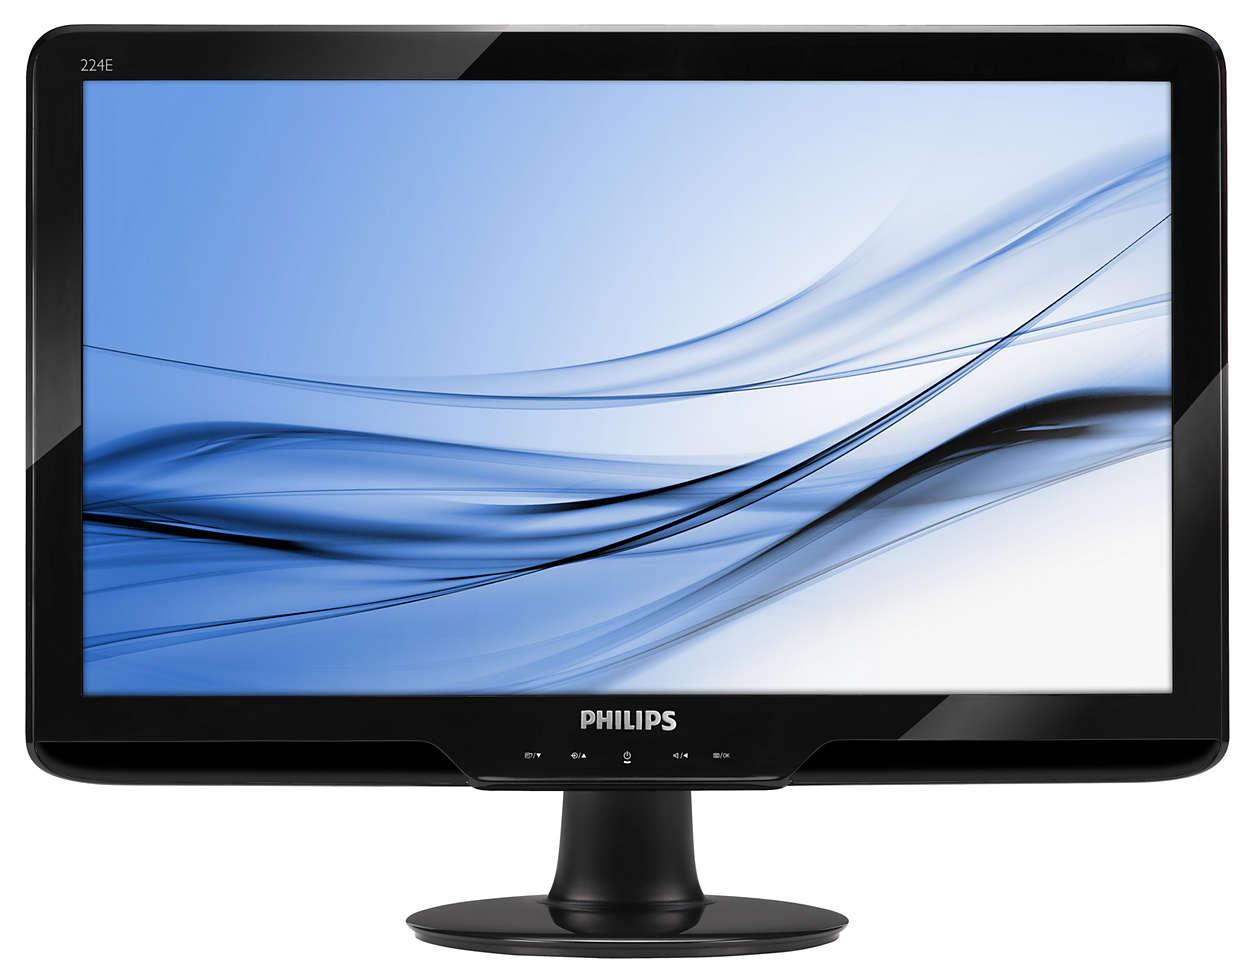 Elegancki wyświetlacz HDMI zapewnia doskonały obraz Full HD